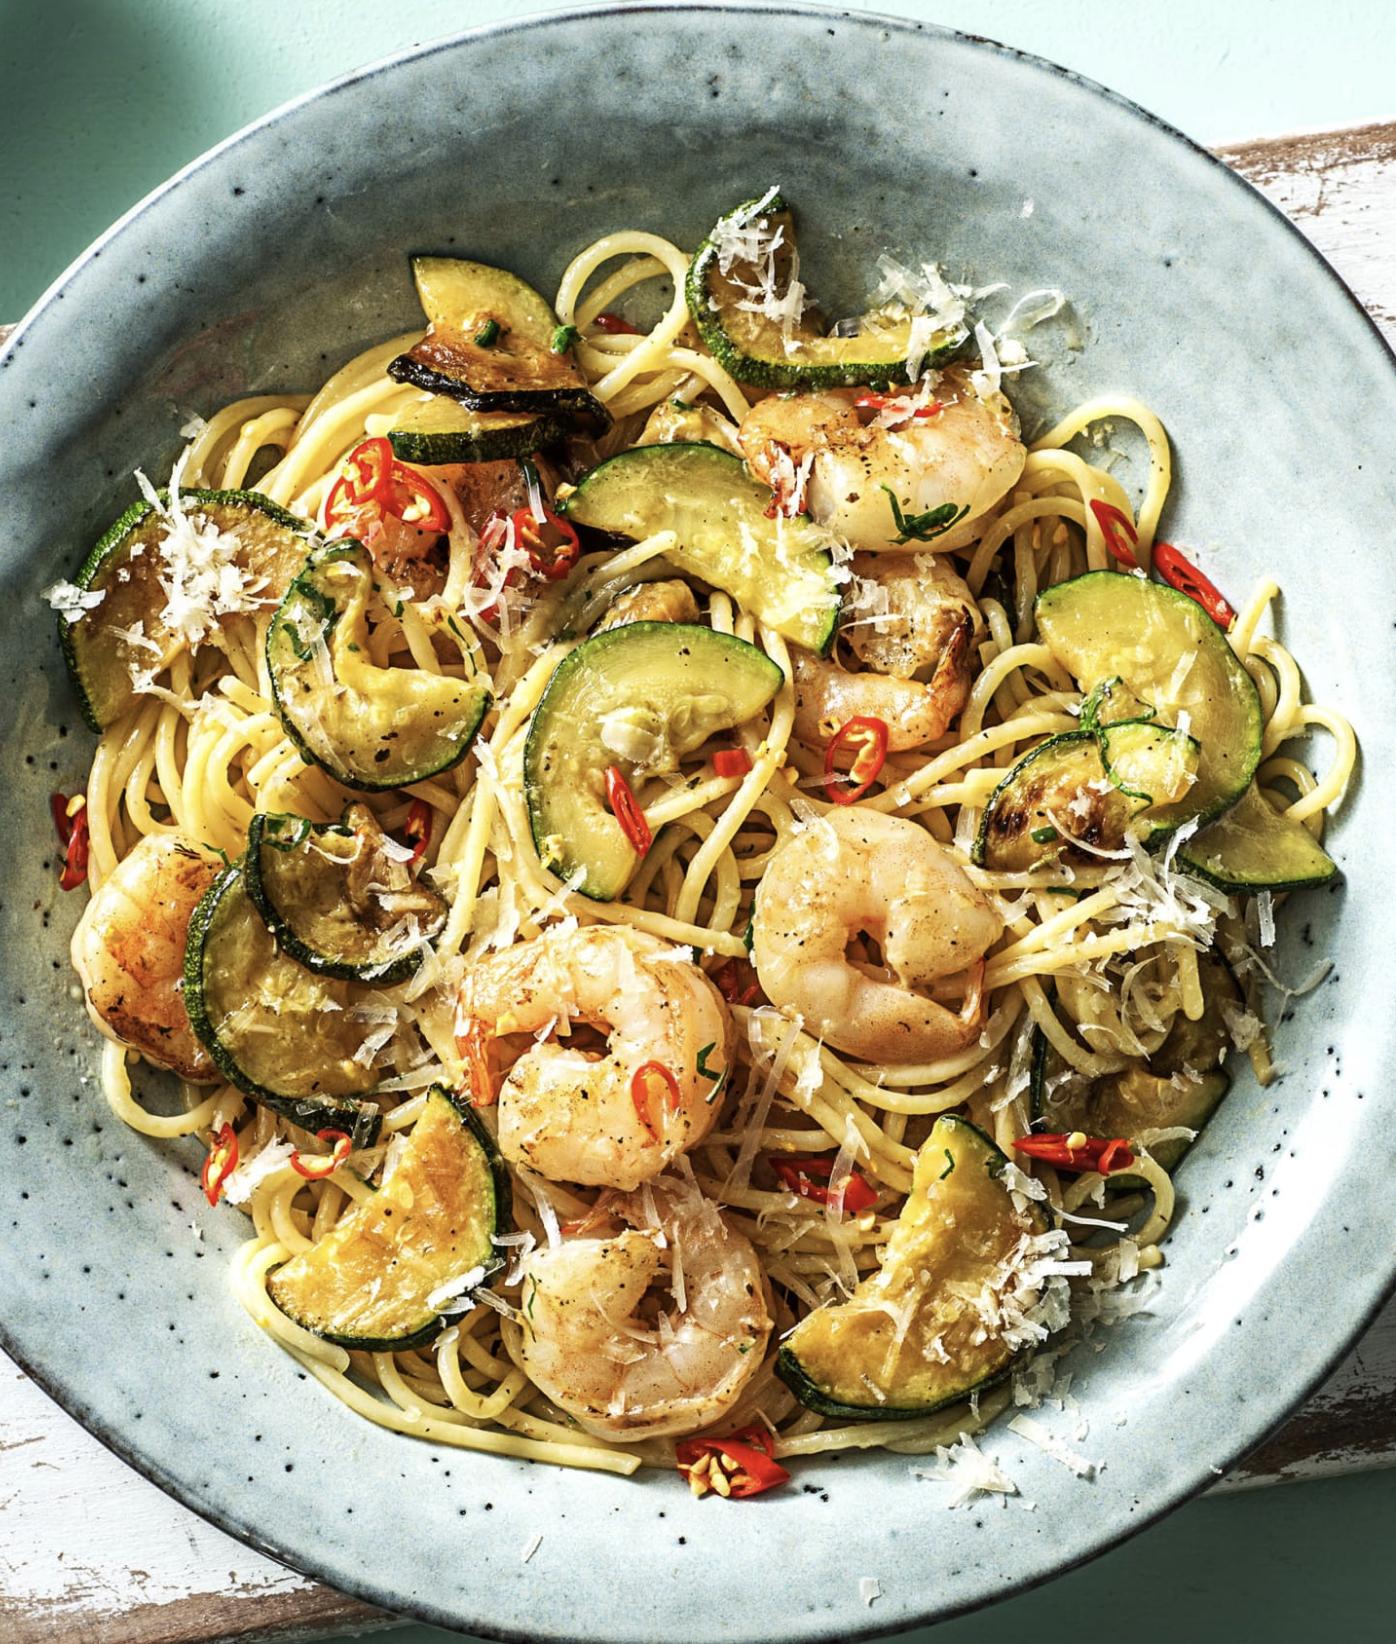 Spicy Shrimp Pasta With Zucchini Recipe Hellofresh Recipe Hello Fresh Recipes Cooking Seafood Seafood Pasta Recipes